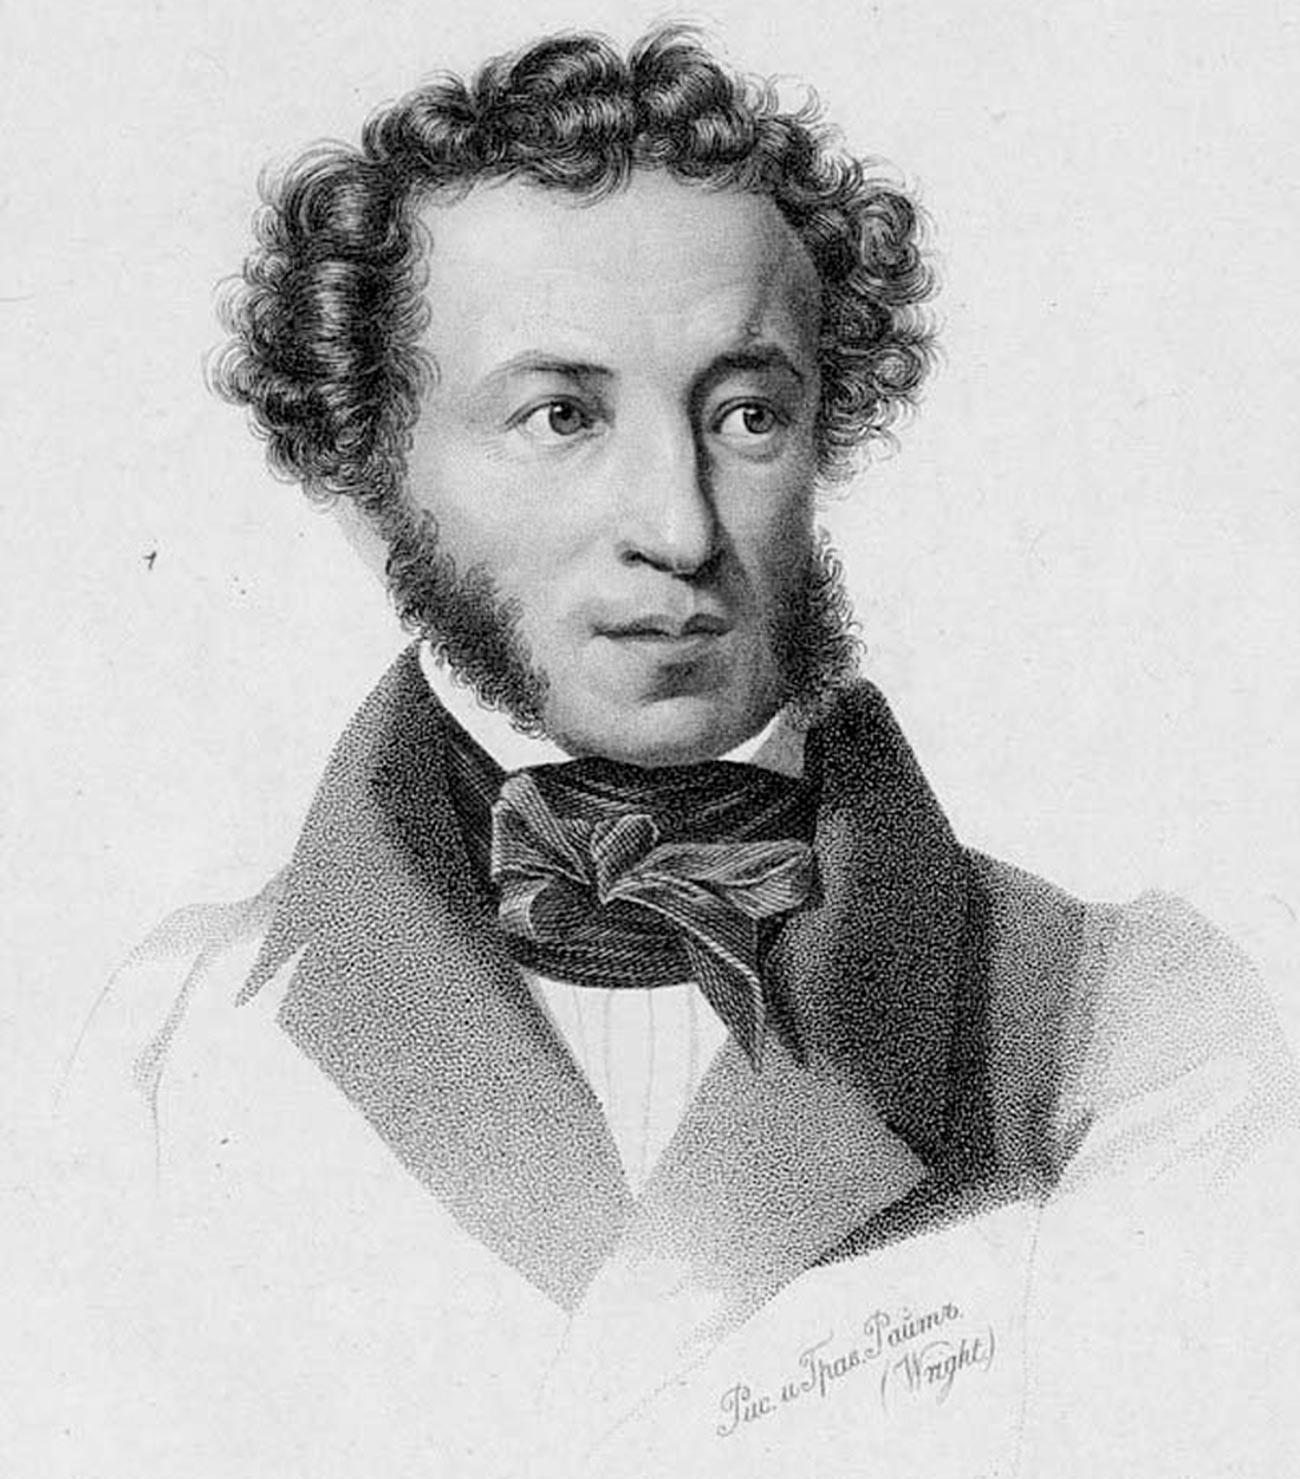 Портрет на Пушкин